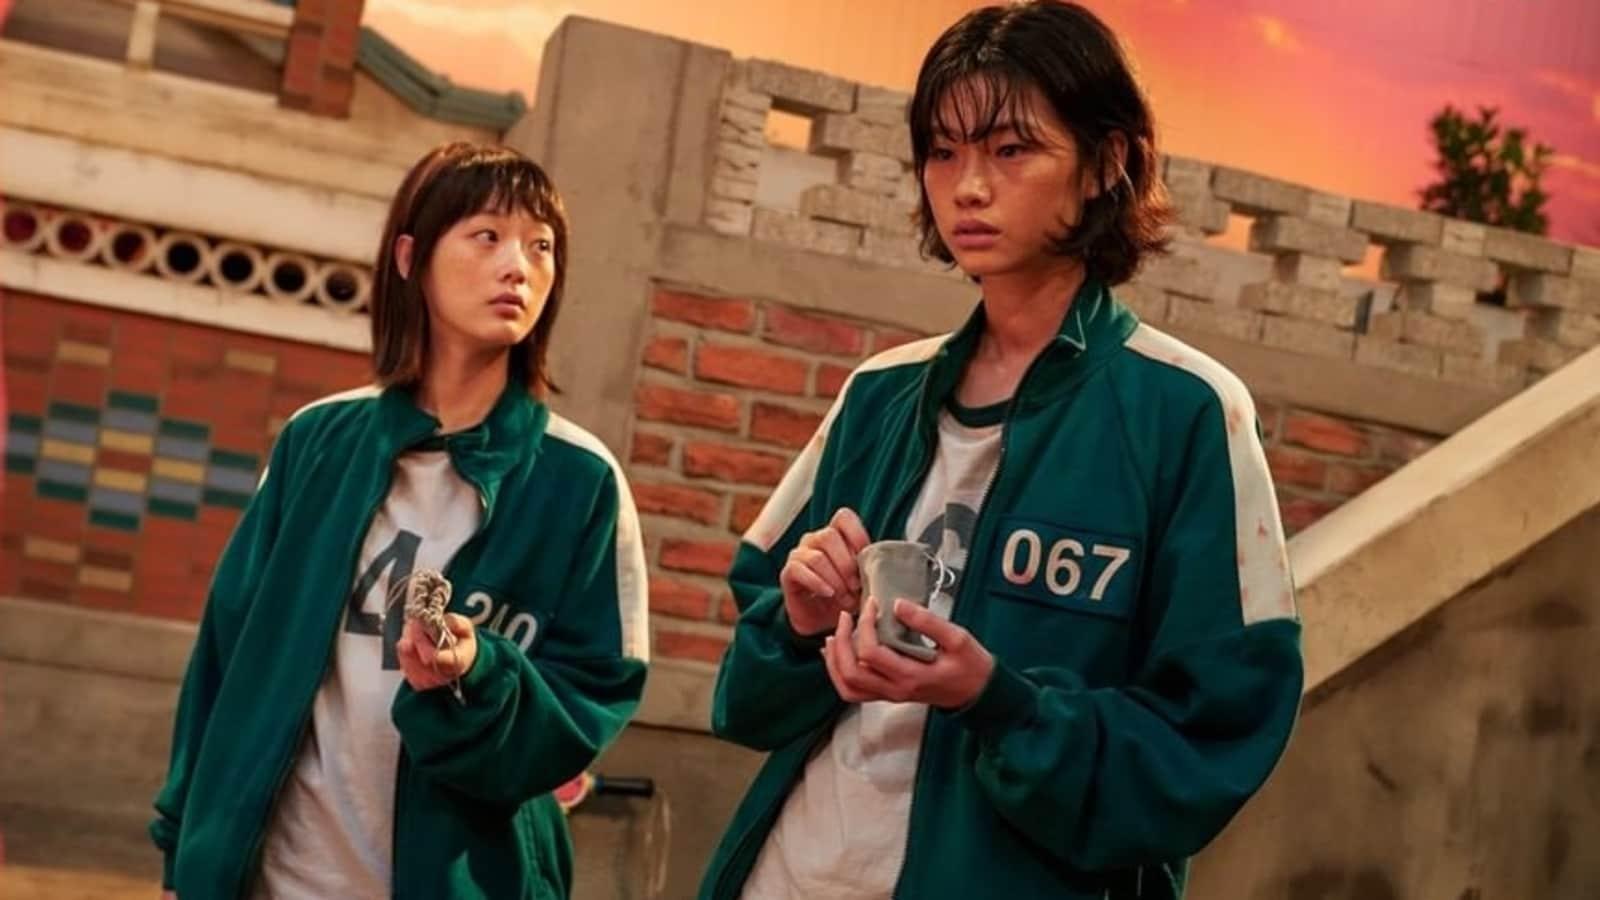 Dizideki önemli karakterlerden biri (sağda) Kuzey Kore firarisi. Dizi izleyicilerine rutin şekilde Kuzey-Güney Kore karşılaştırması aktarıyor. Hindustan Times, 2021.